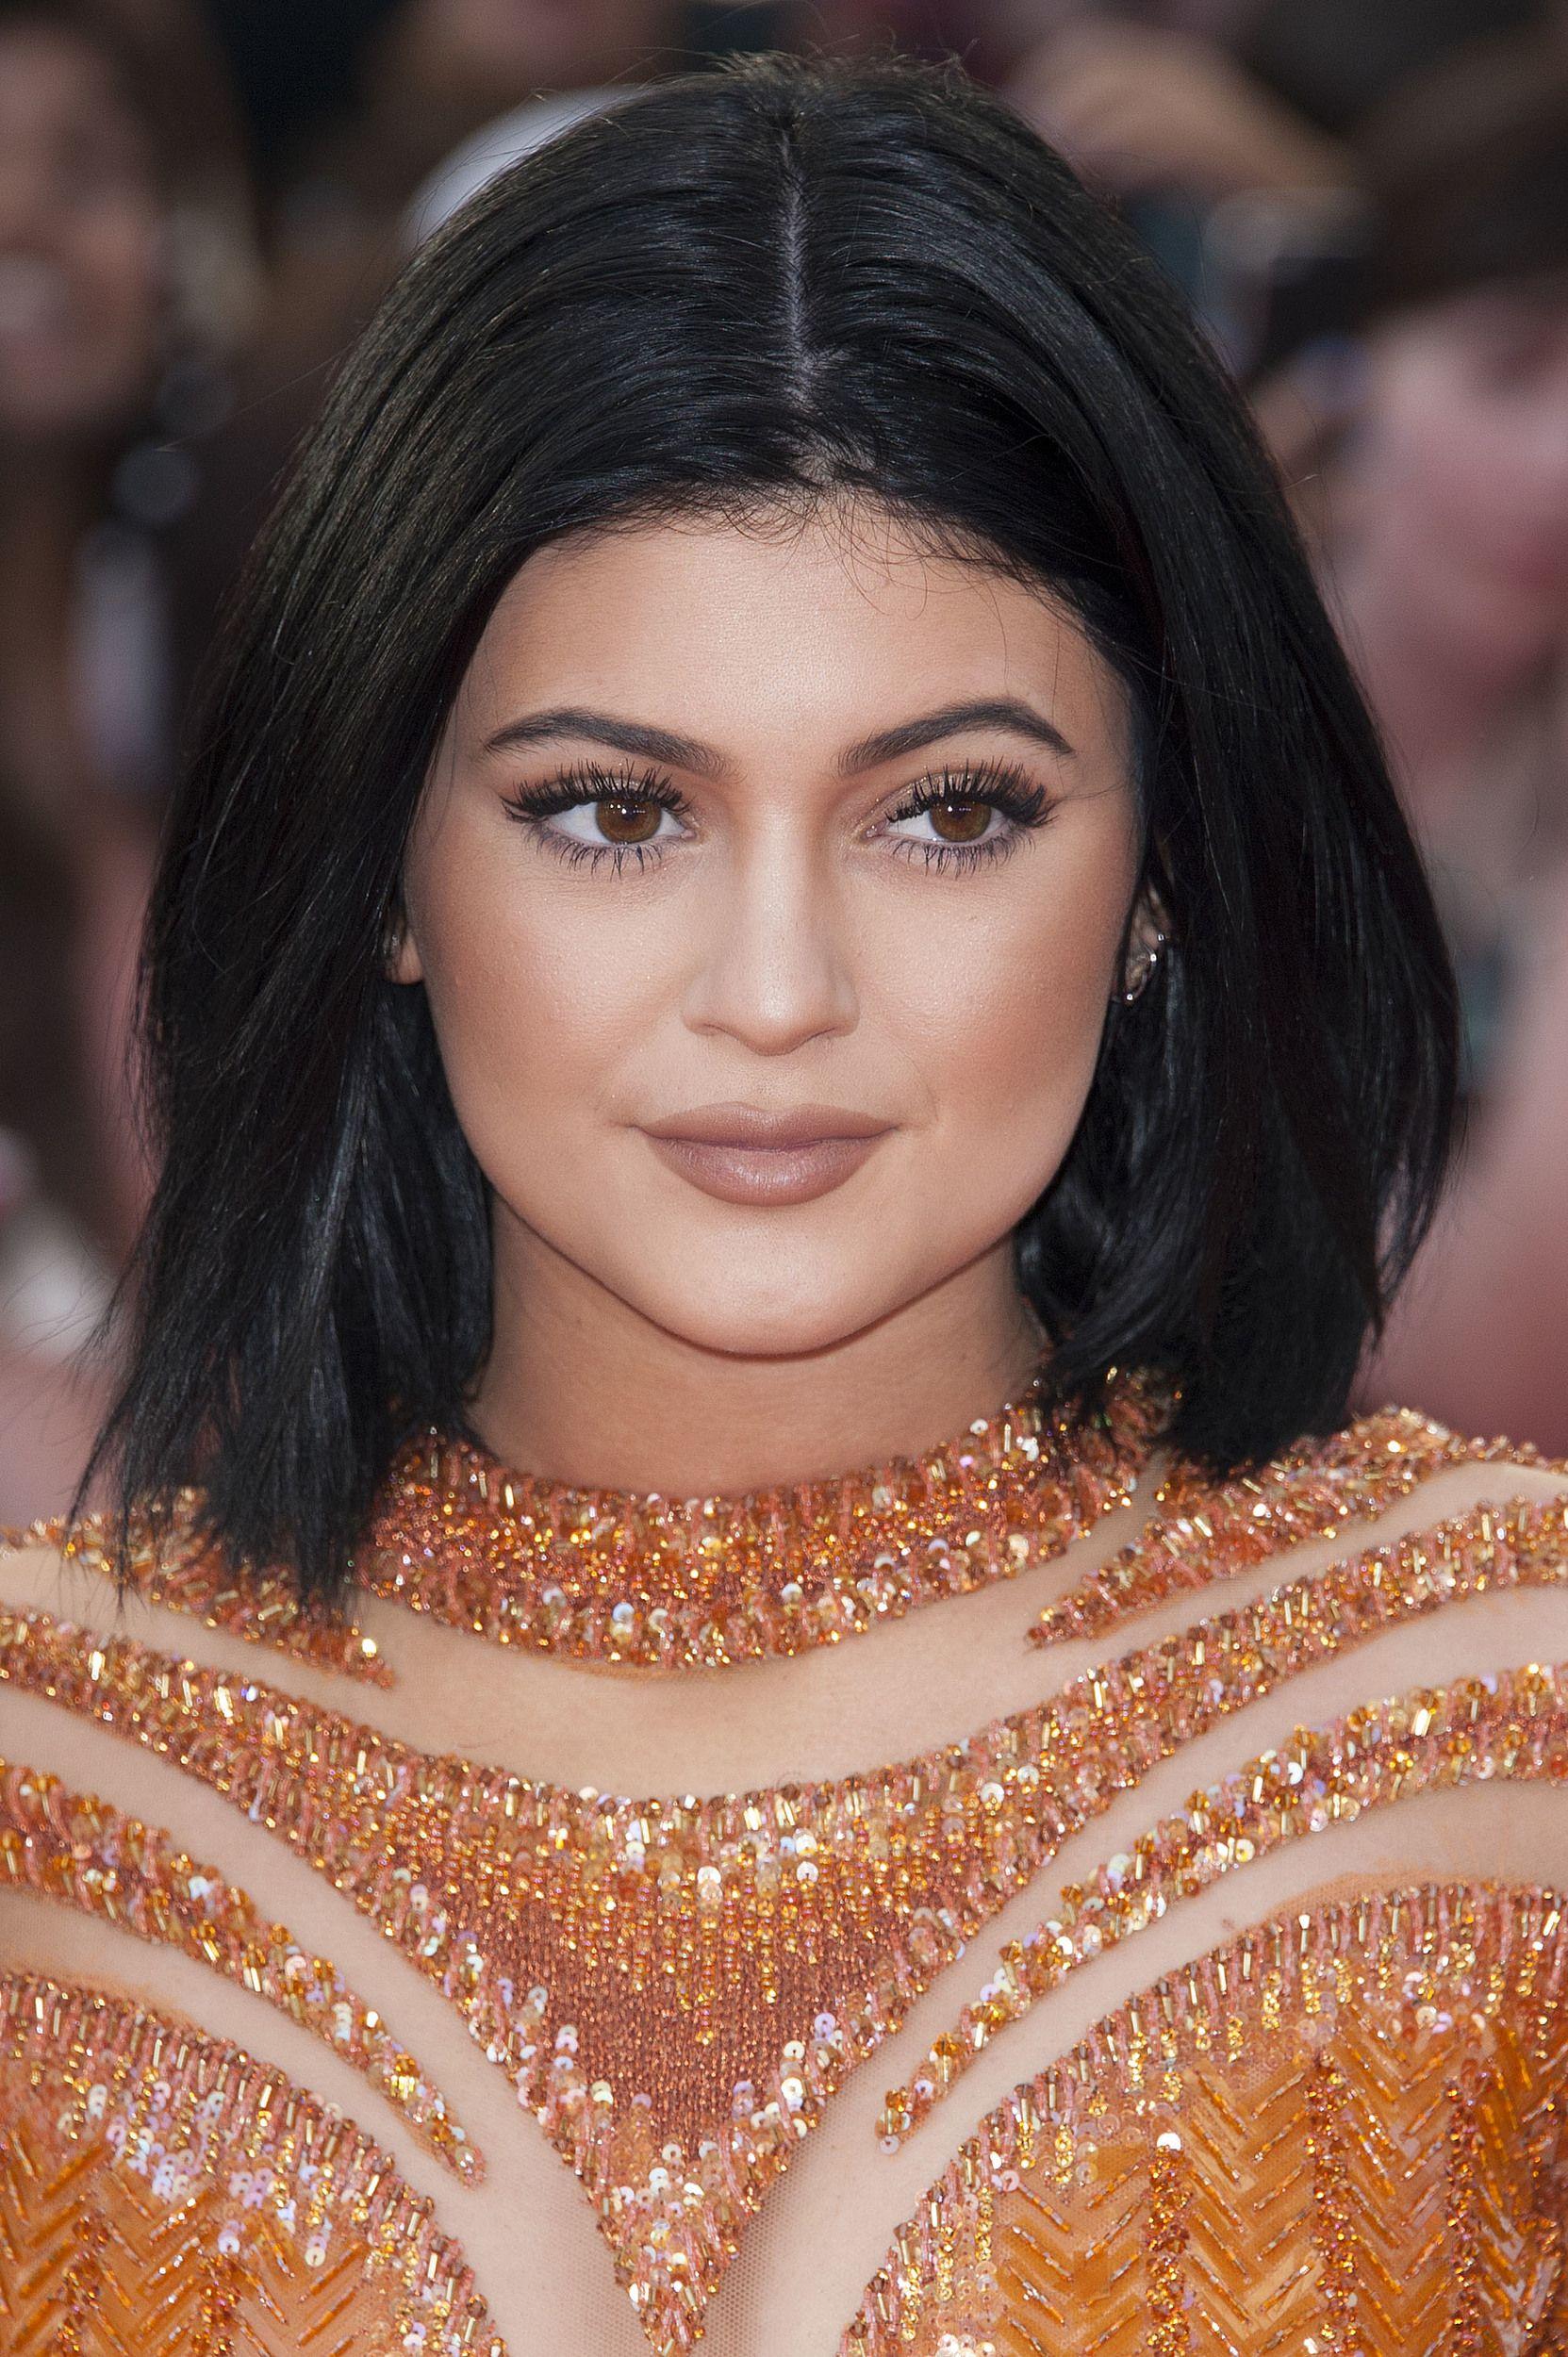 Kylie Jenner Makeup Celebrity beauty, French beauty